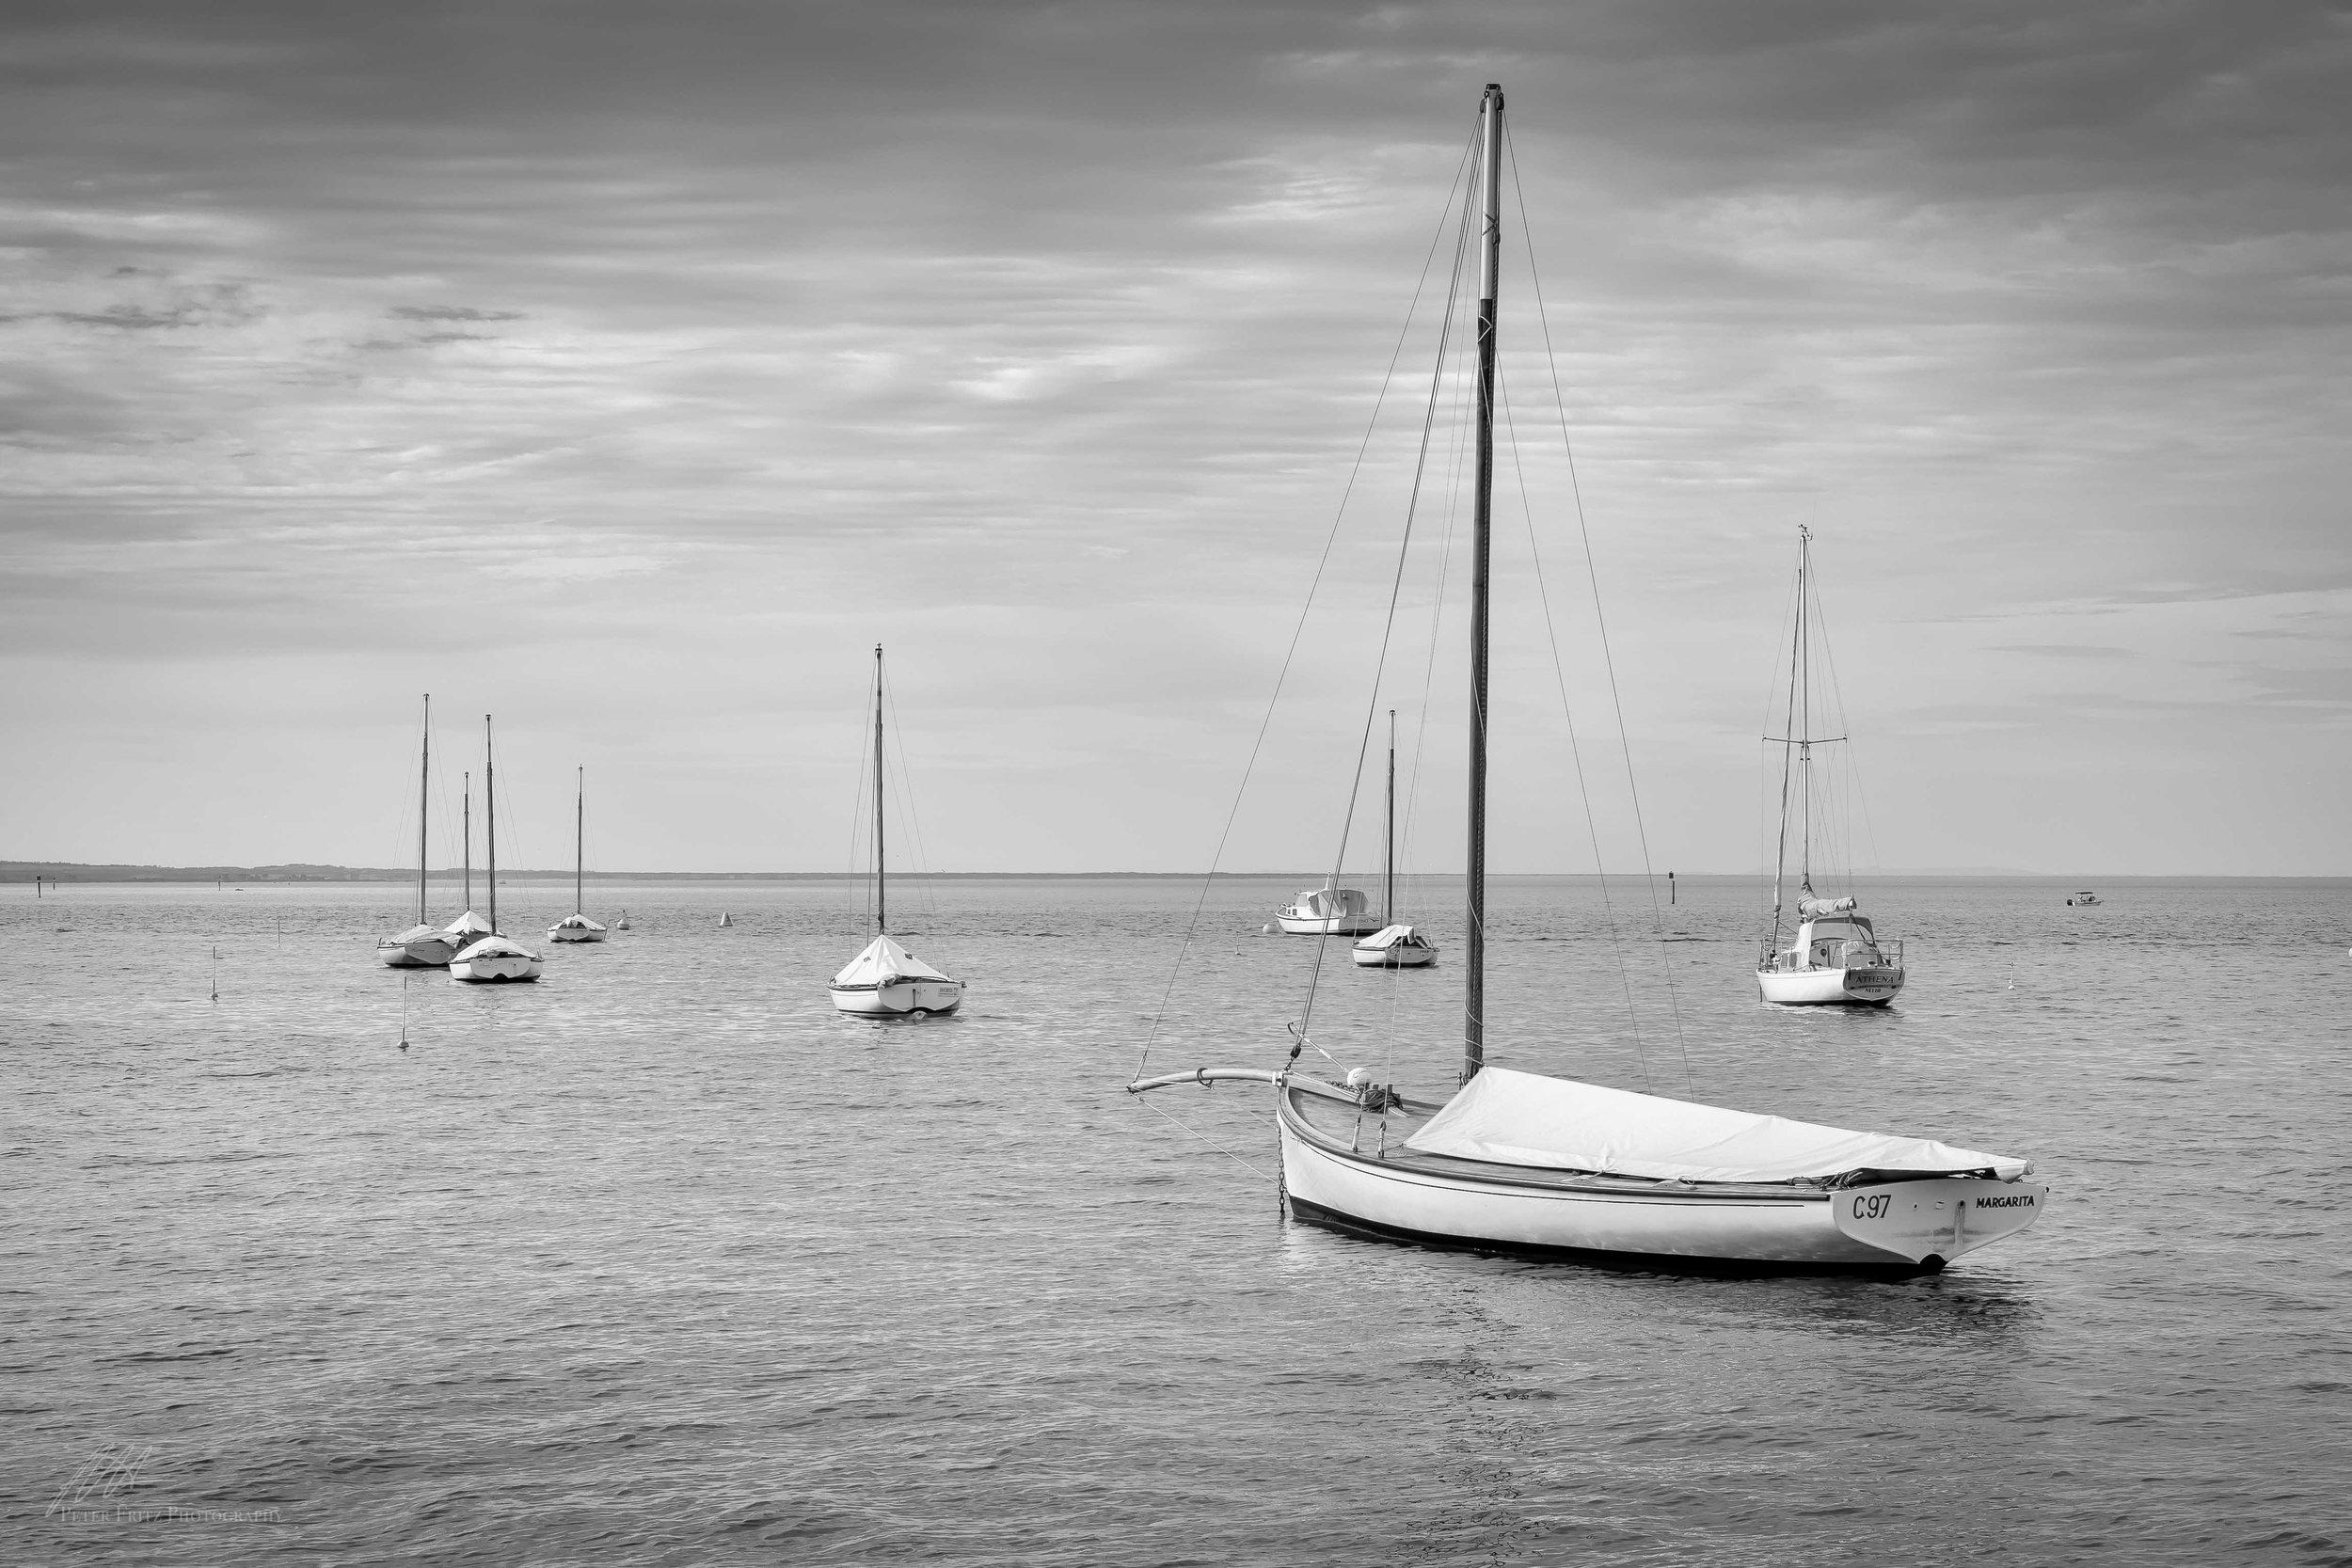 Sail boats in the sun 3x2.jpg